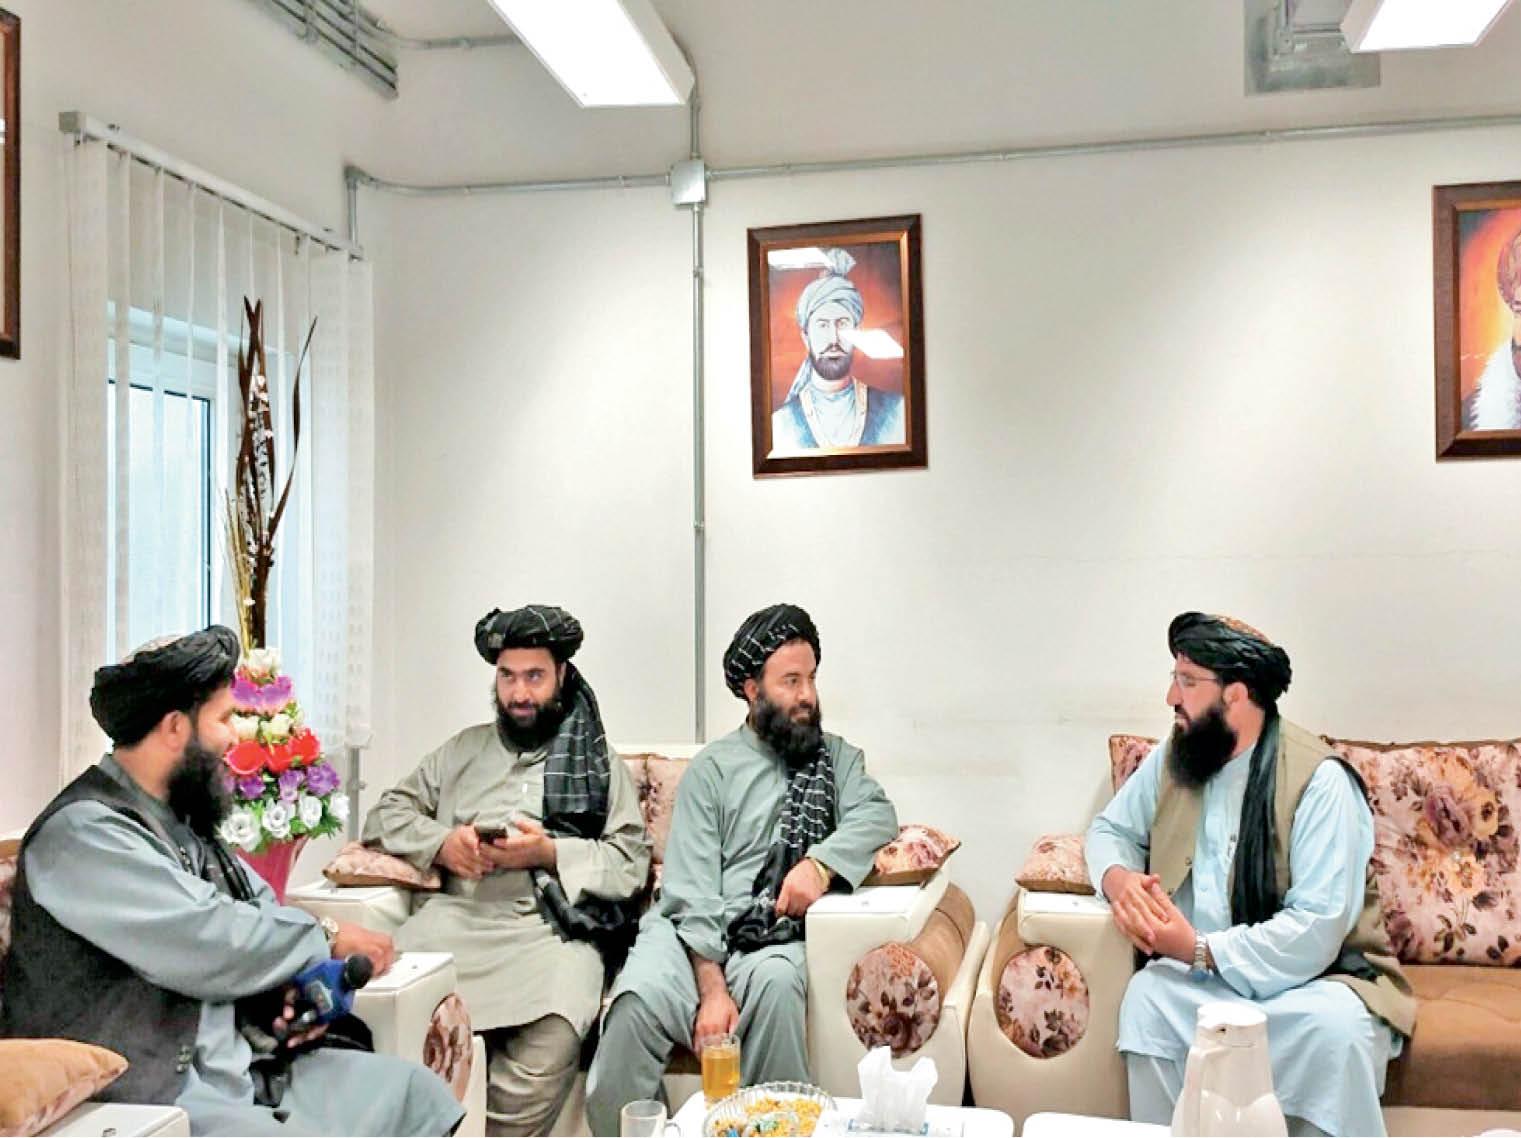 तस्वीर अफगानिस्तान के स्पिन बोल्डक जिले की है, जहां तालिबानी आतंकी कस्टम विभाग के दफ्तर में पार्टी कर रहे हैं।